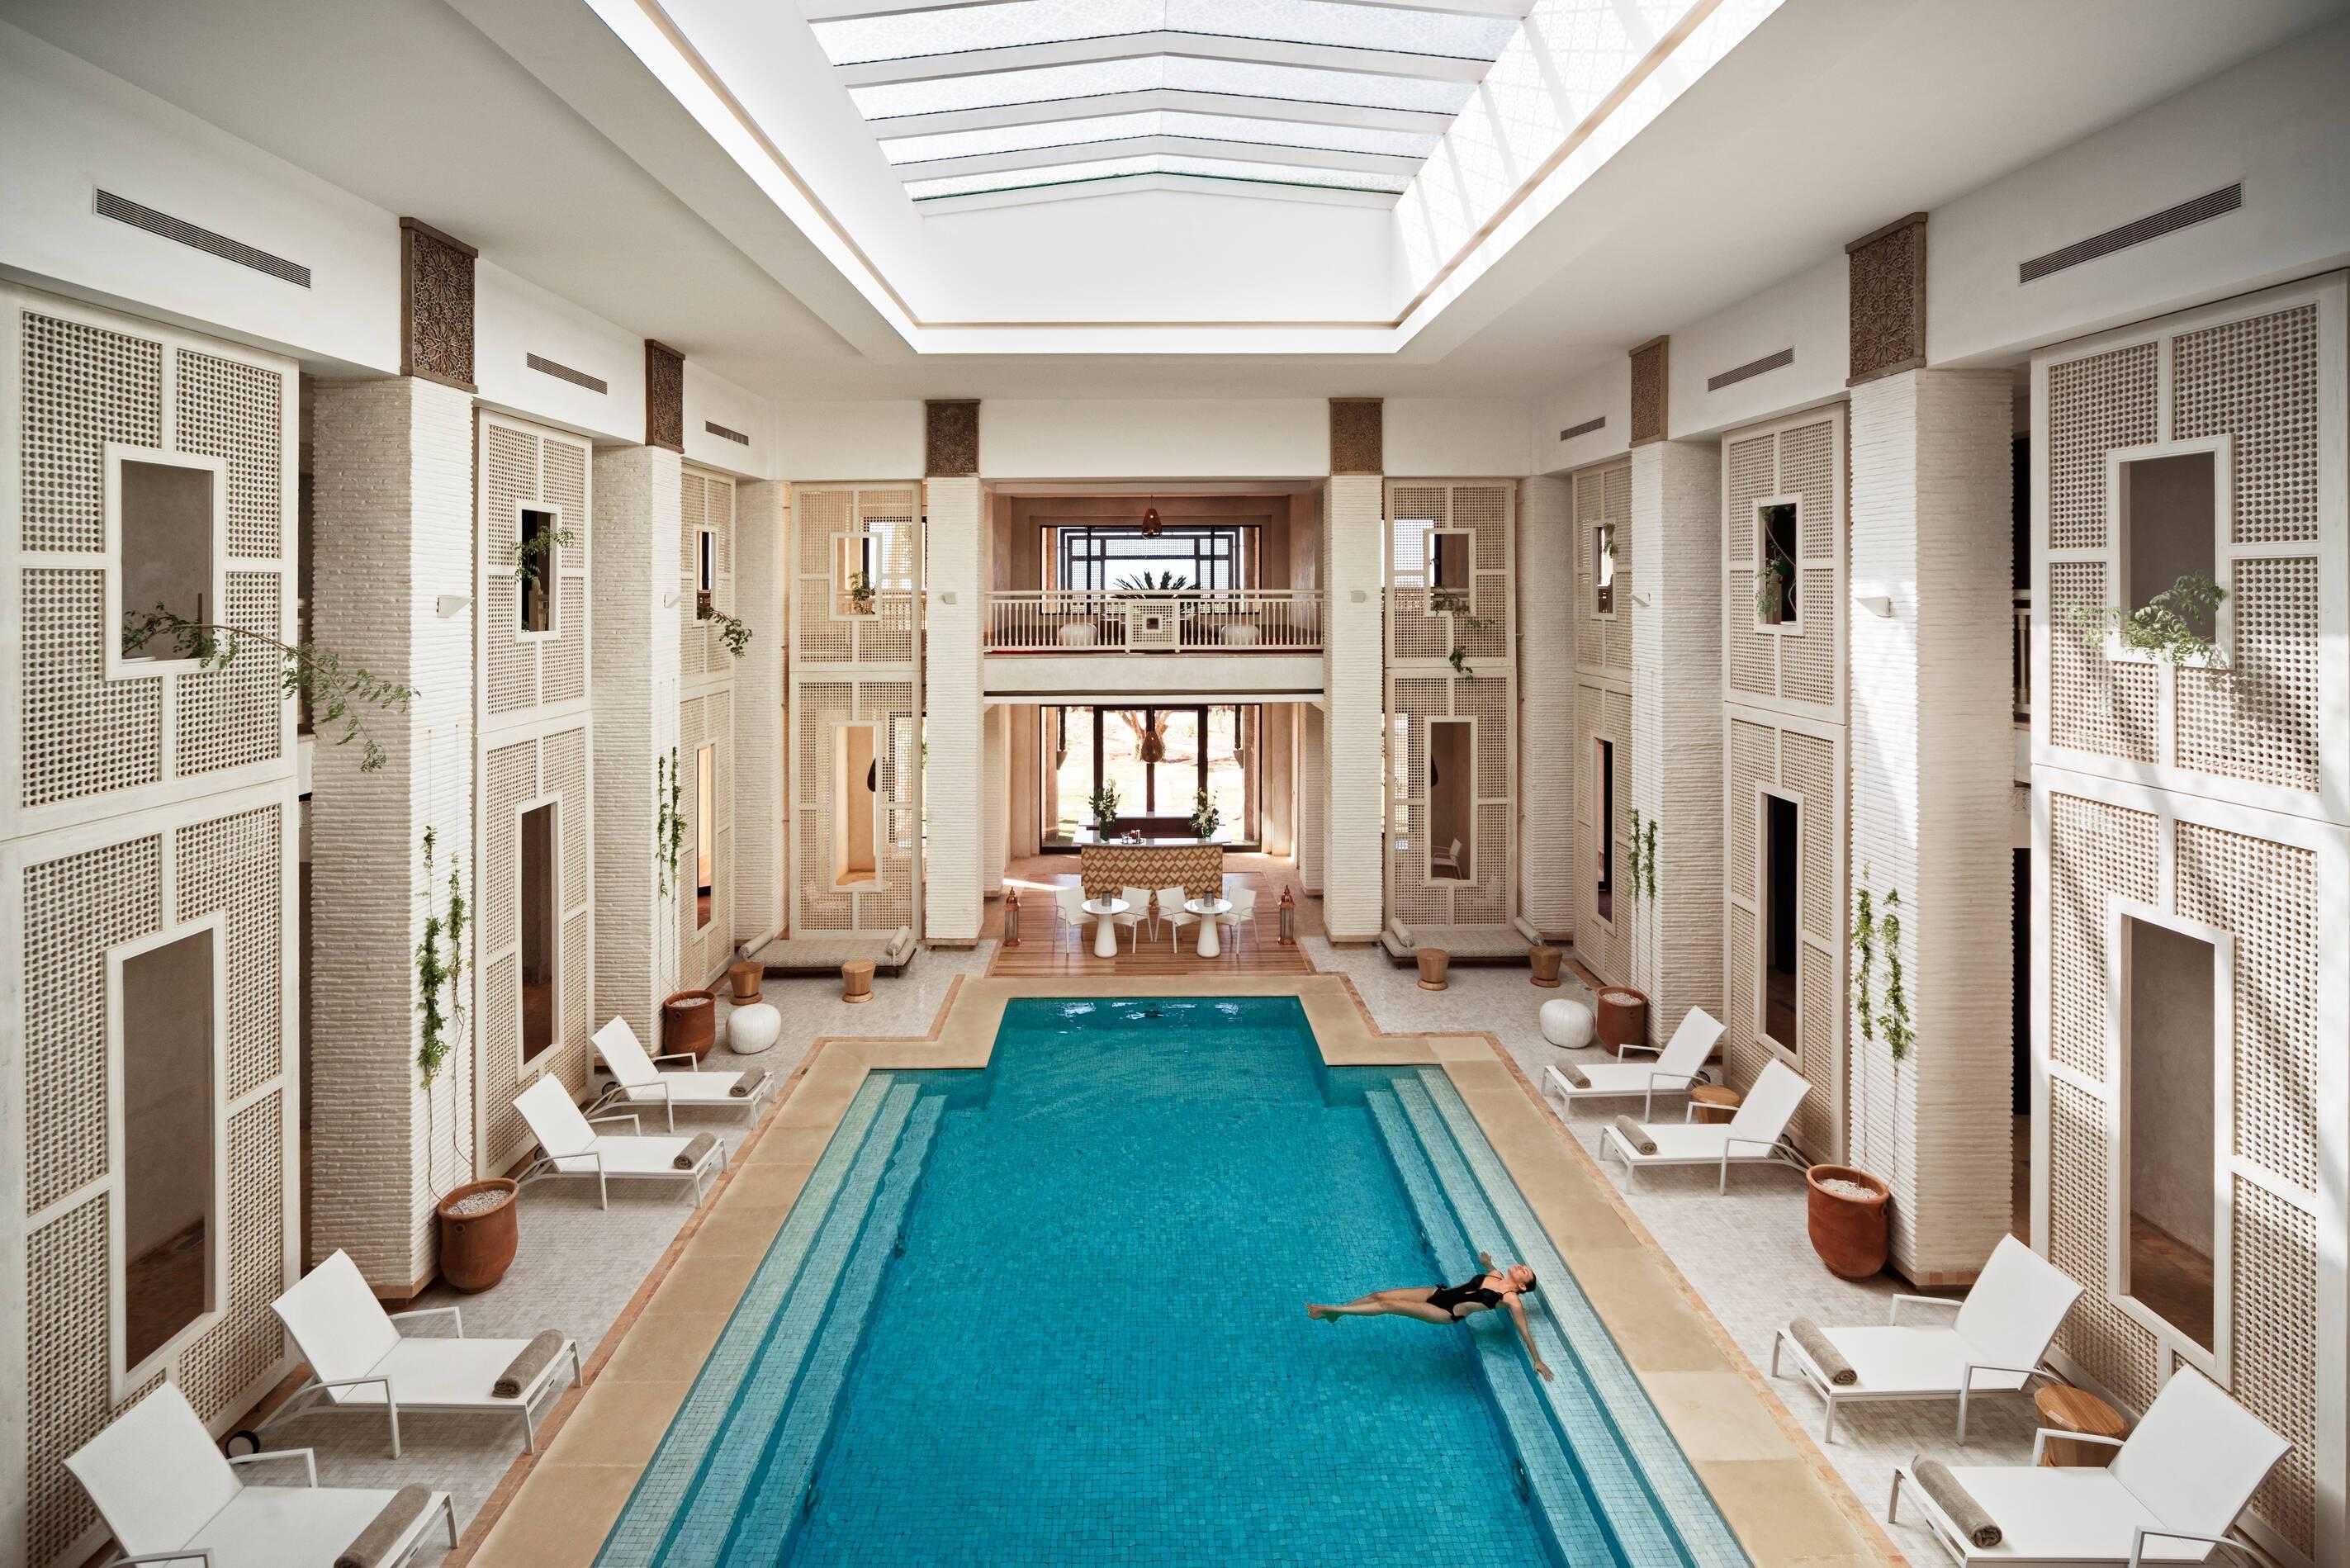 Fairmont Royal Palm Piscine Spa Marrakech